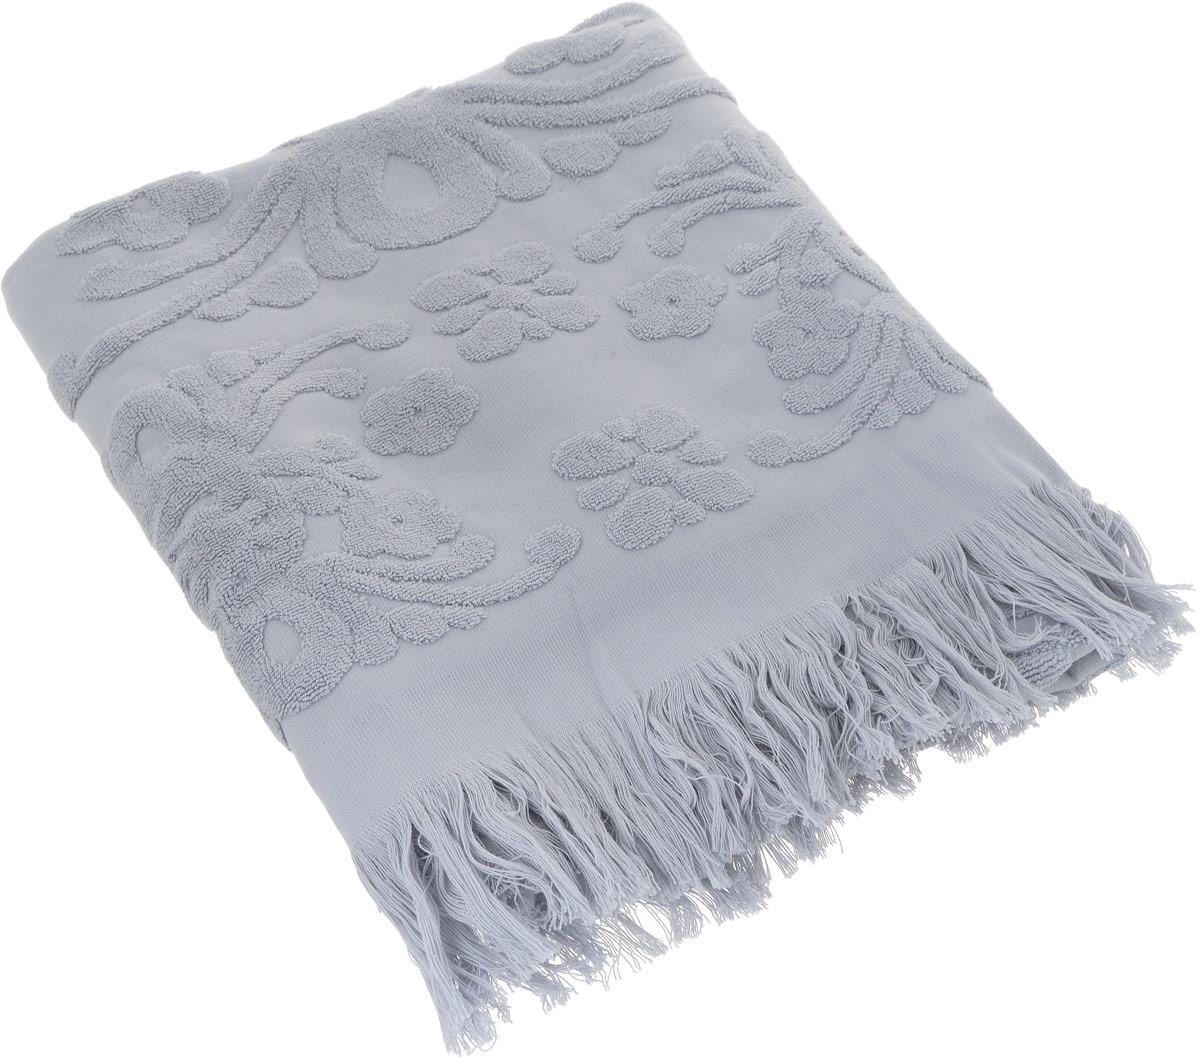 Полотенце Arya Isabel Soft, цвет: серый, 70 x 140 смTR1002488_СерыйПолотенце Arya Isabel Soft выполнено из 100% хлопка. Изделие отлично впитывает влагу, быстро сохнет, сохраняет яркость цвета и не теряет форму даже после многократных стирок. Такое полотенце очень практично и неприхотливо в уходе. Оно создаст прекрасное настроение и украсит интерьер в ванной комнате.